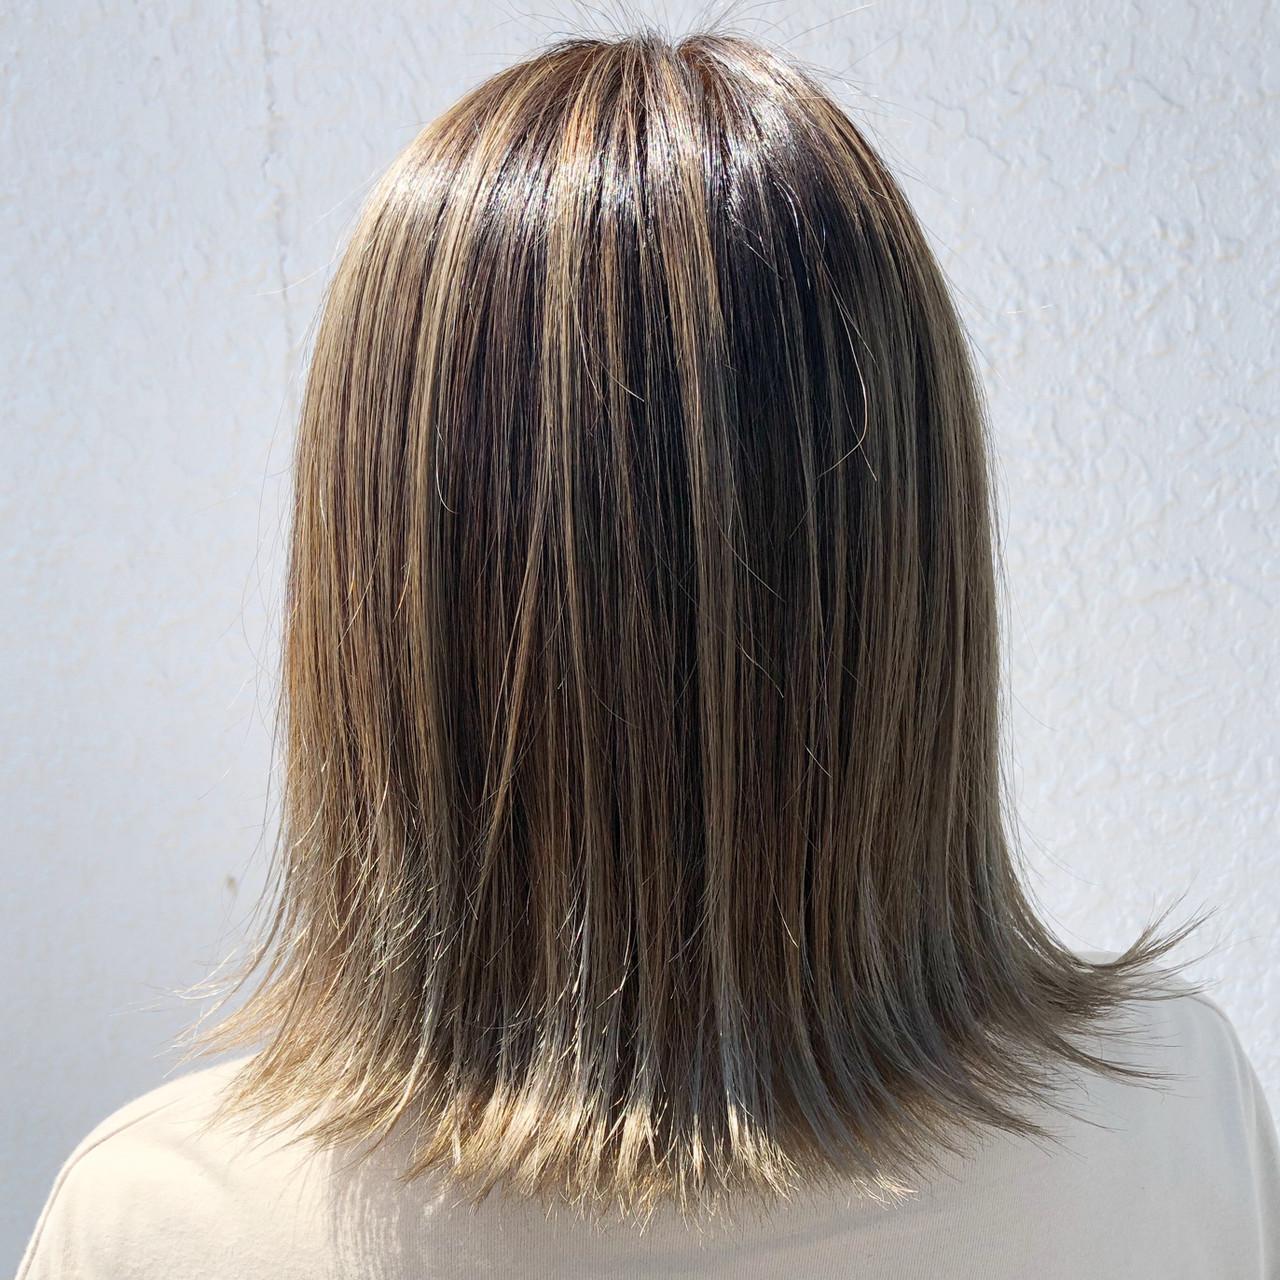 フェミニン バレイヤージュ ブリーチ 外国人風カラー ヘアスタイルや髪型の写真・画像